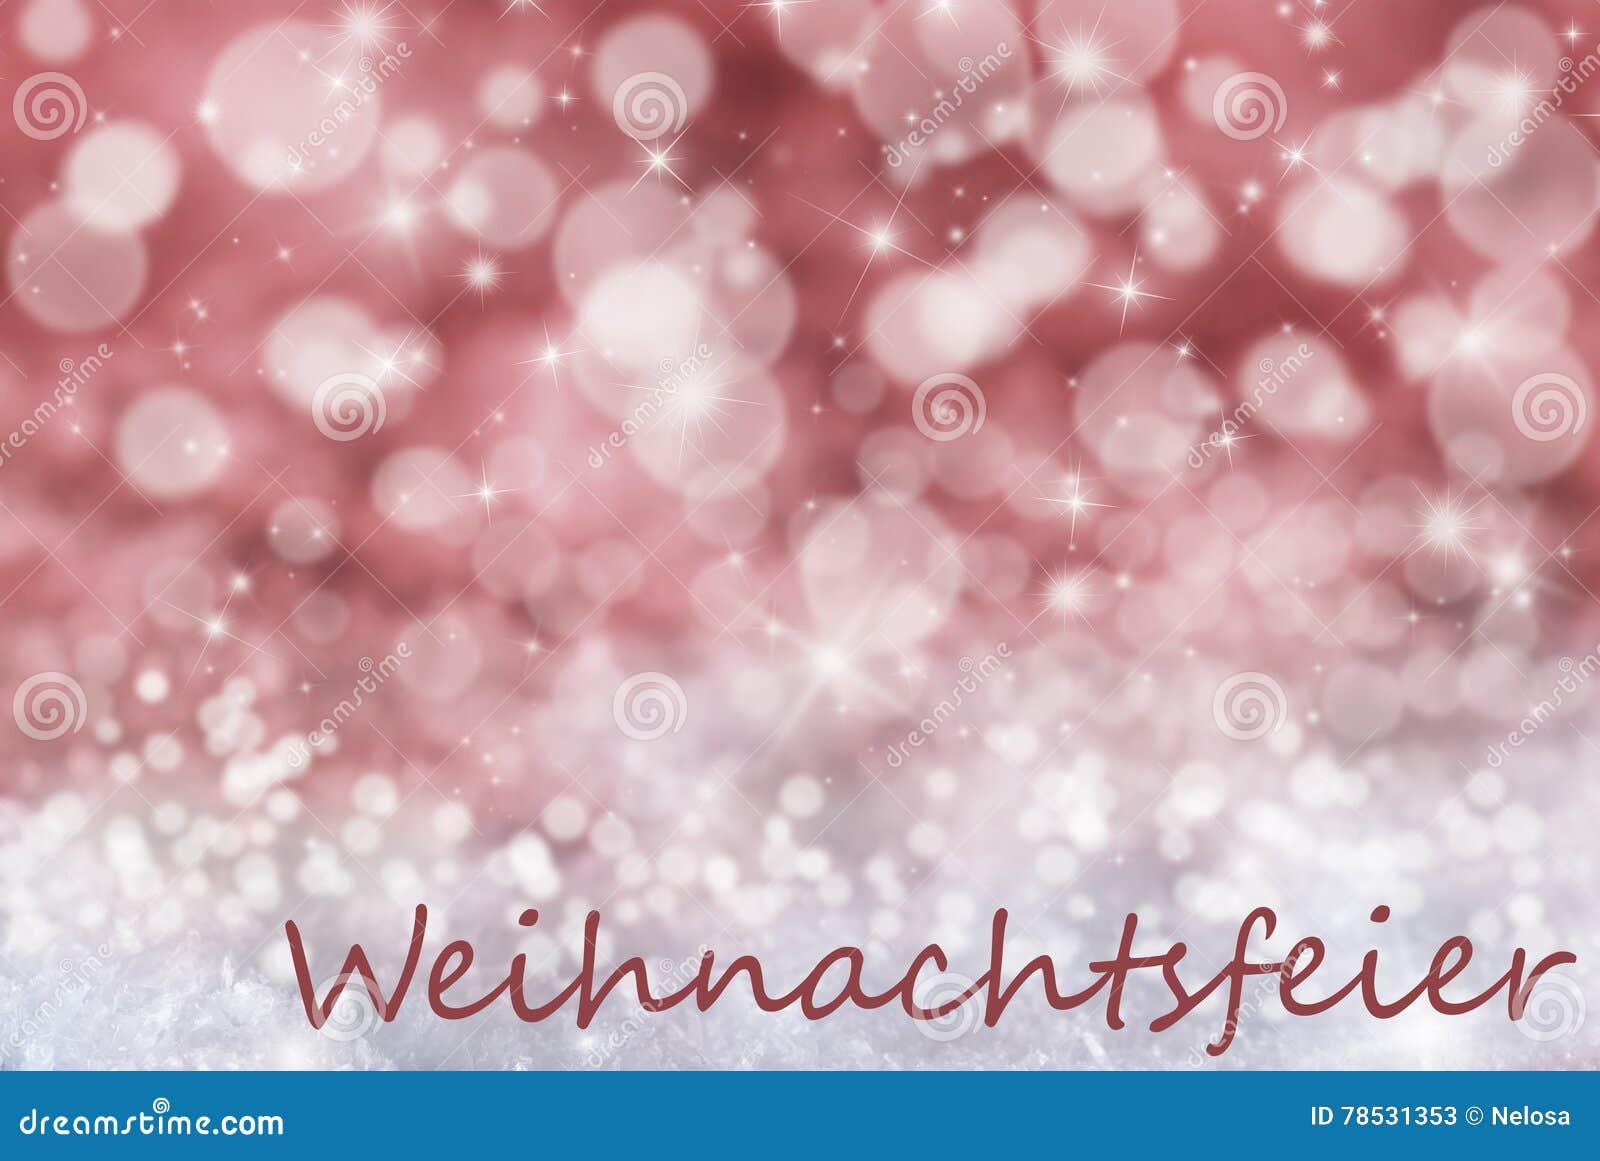 Czerwony Bokeh Tło śnieg Weihnachtsfeier Znaczy Przyjęcia